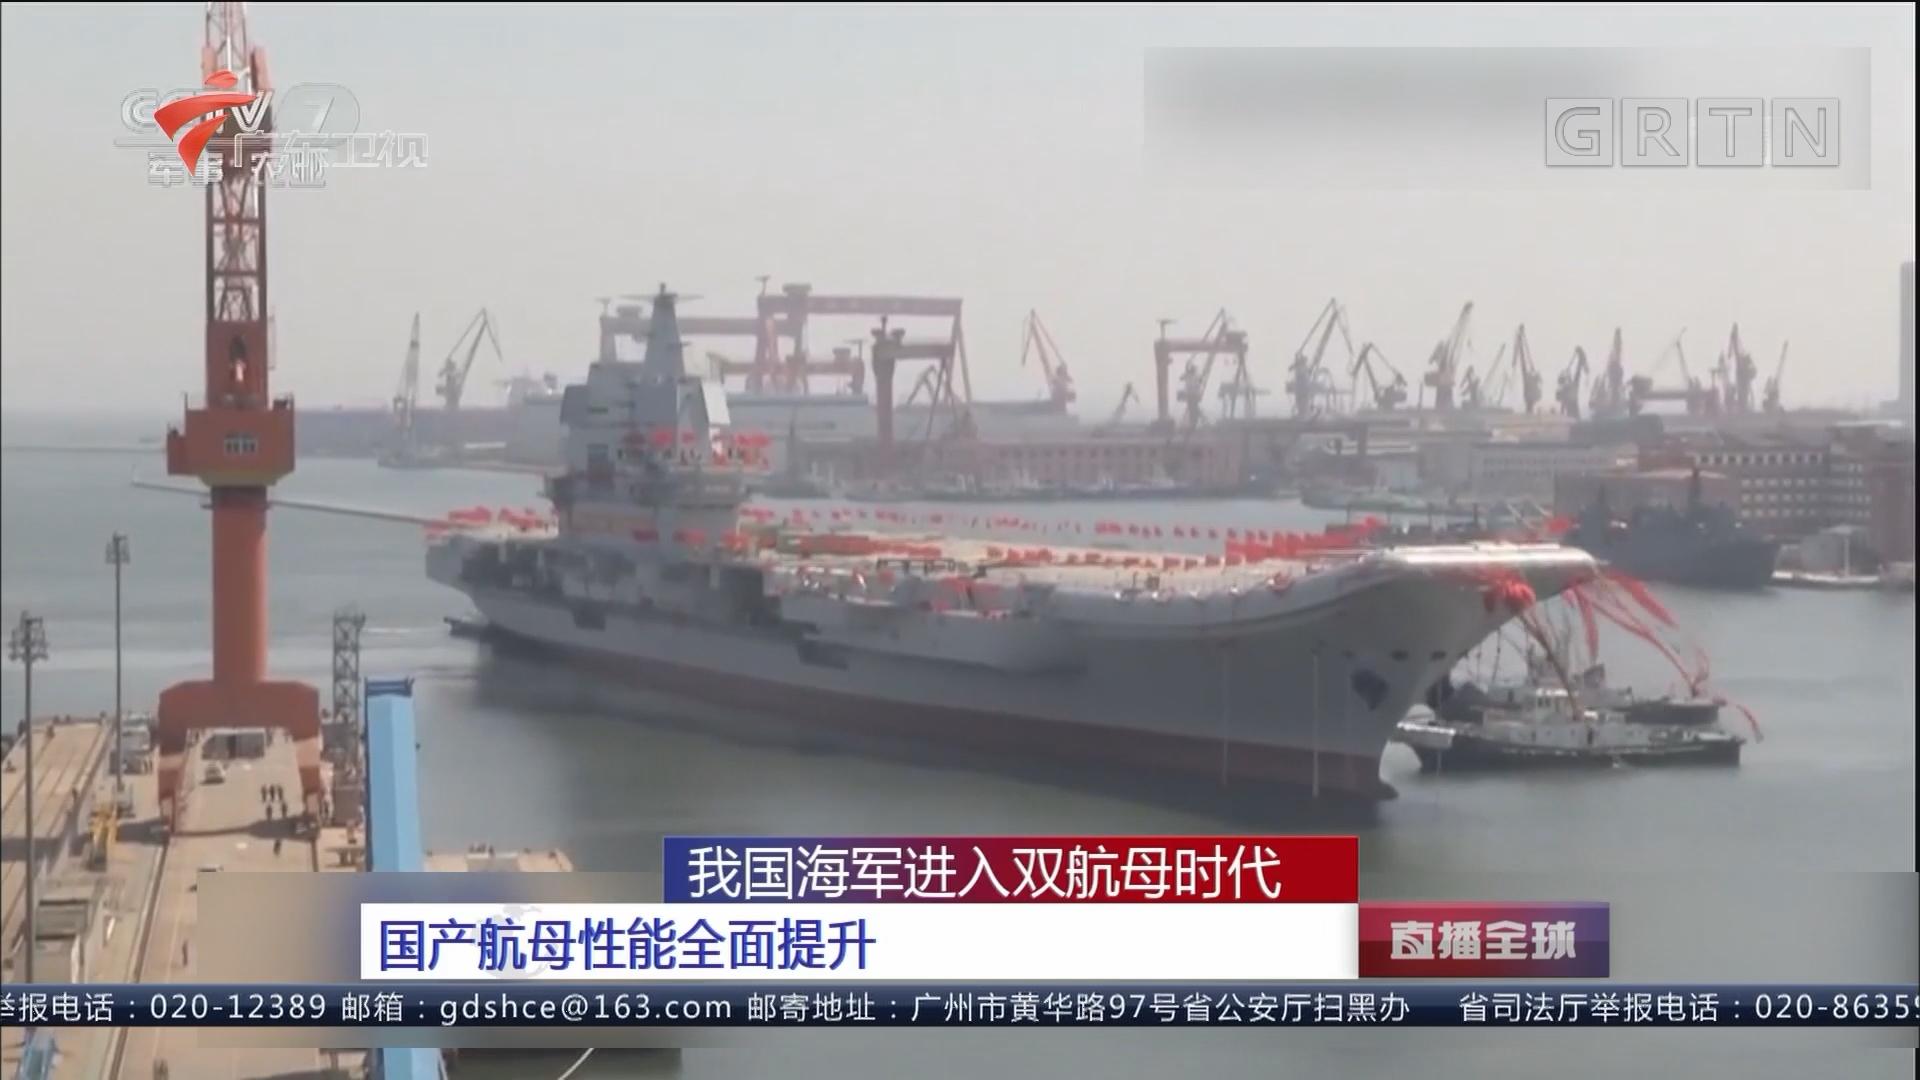 我国海军进入双航母时代:国产航母性能全面提升